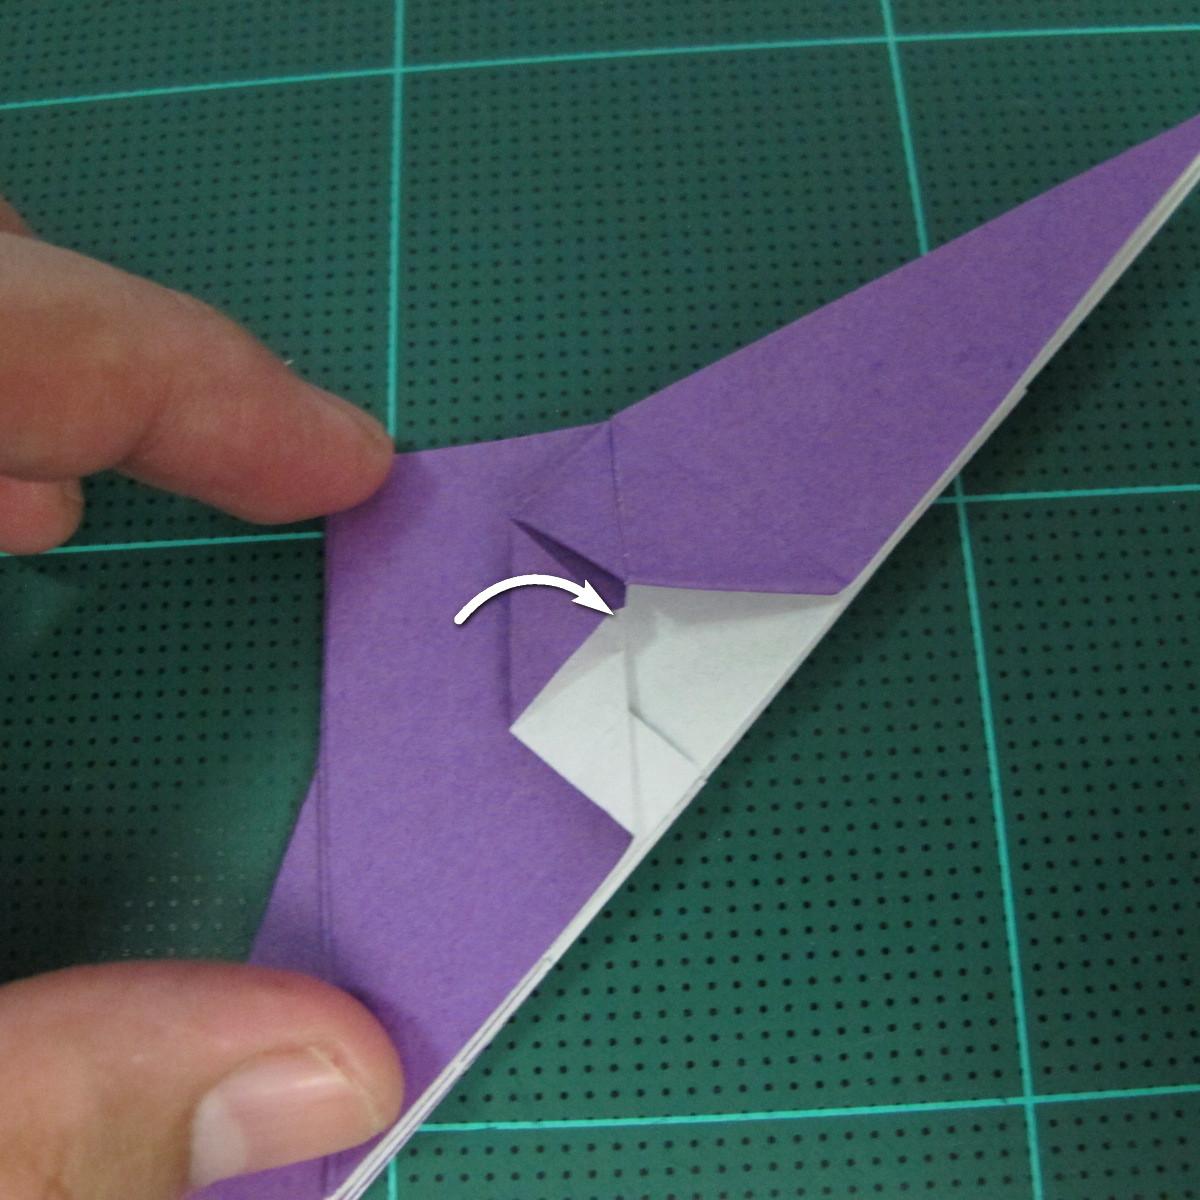 วิธีพับกระดาษเป็นรูปนกอินทรี (Origami Eagle) 012